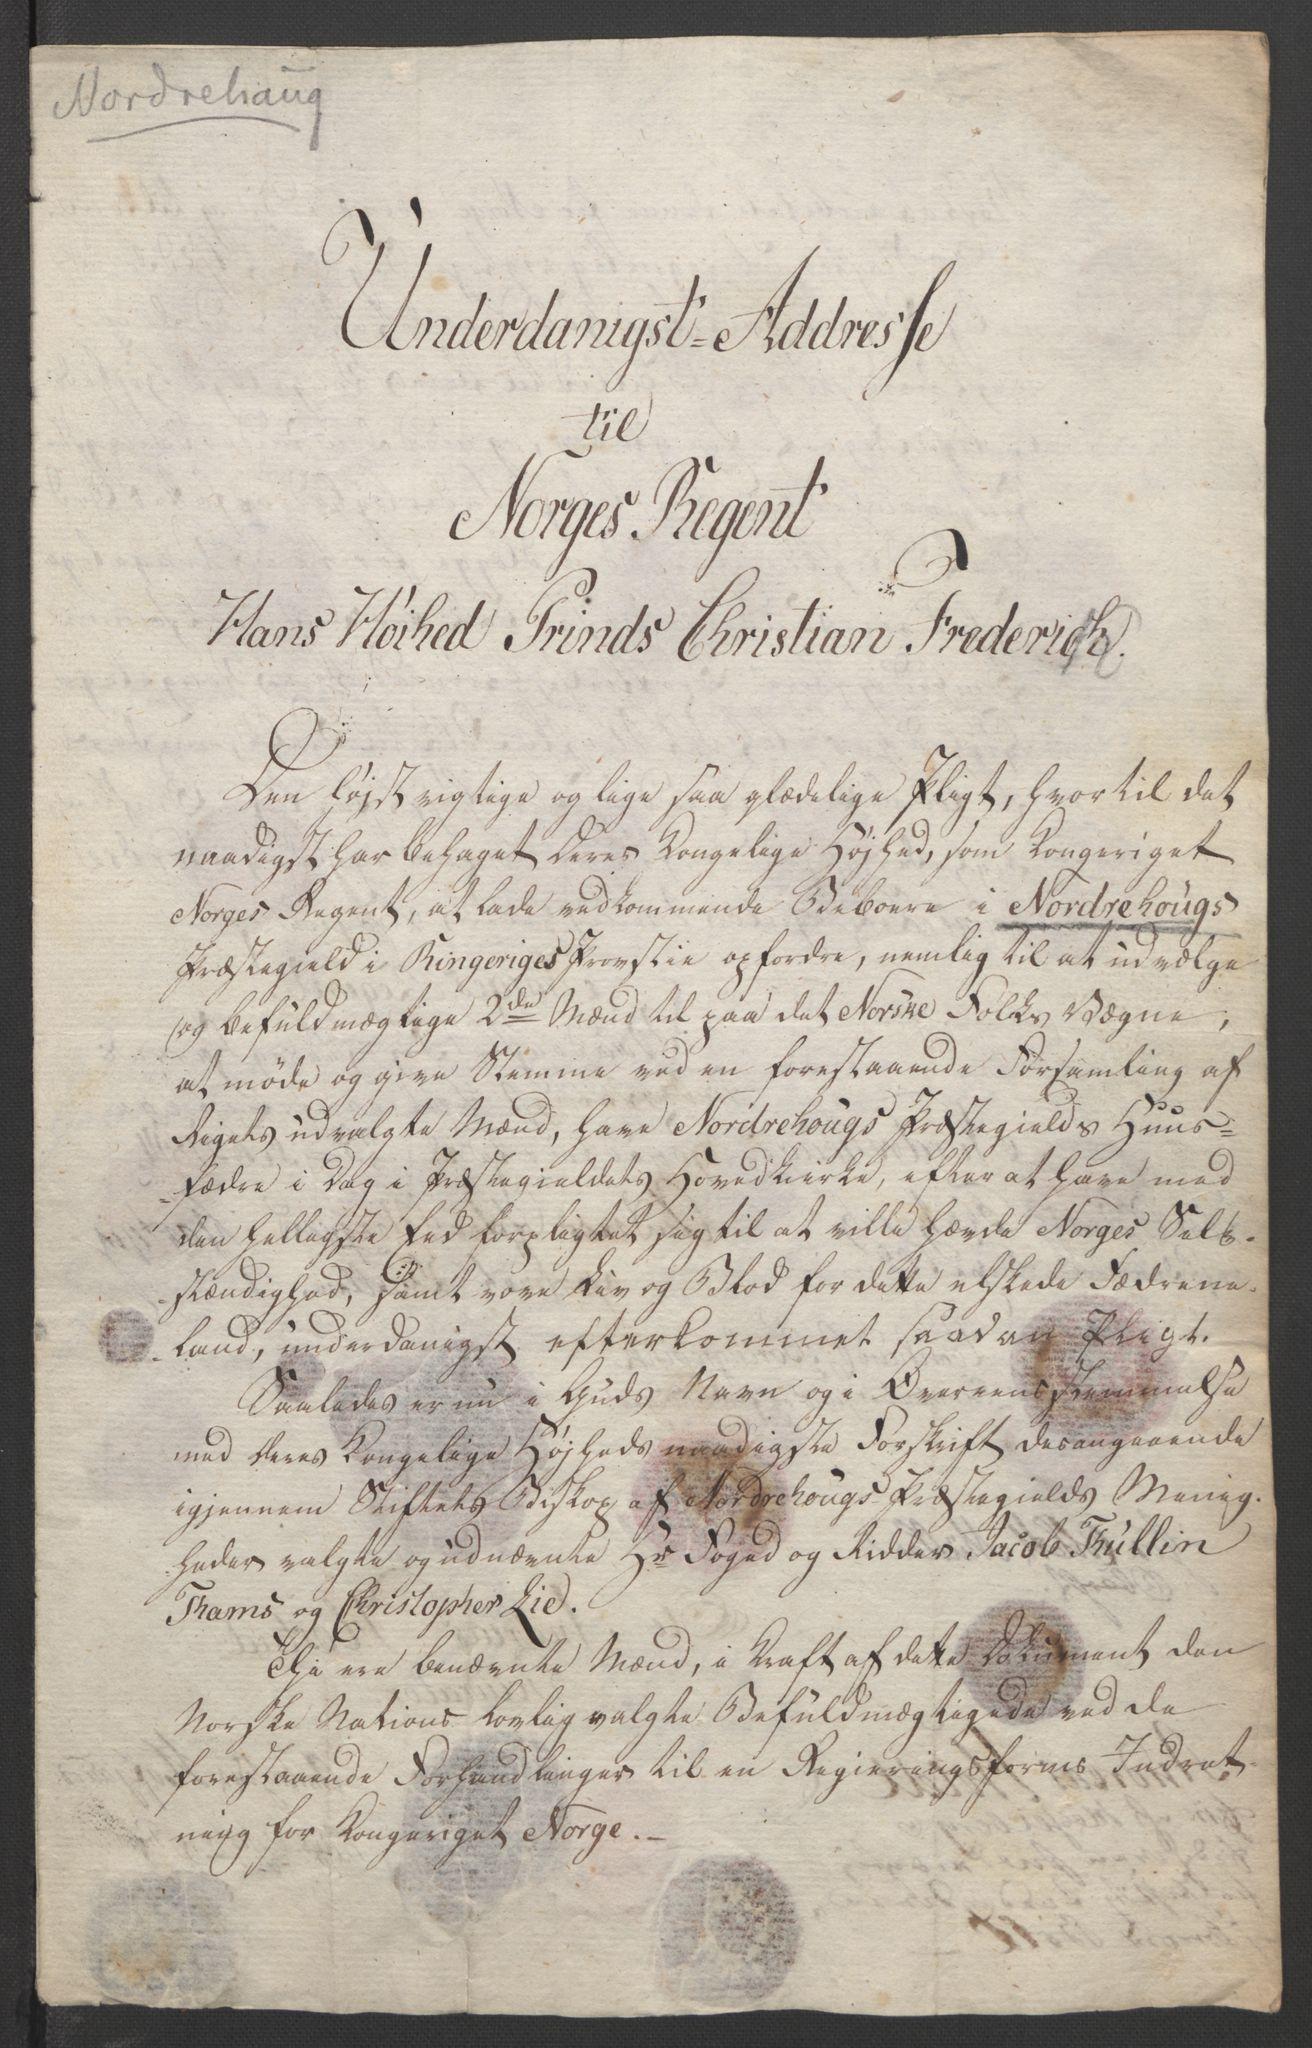 RA, Statsrådssekretariatet, D/Db/L0007: Fullmakter for Eidsvollsrepresentantene i 1814. , 1814, s. 329